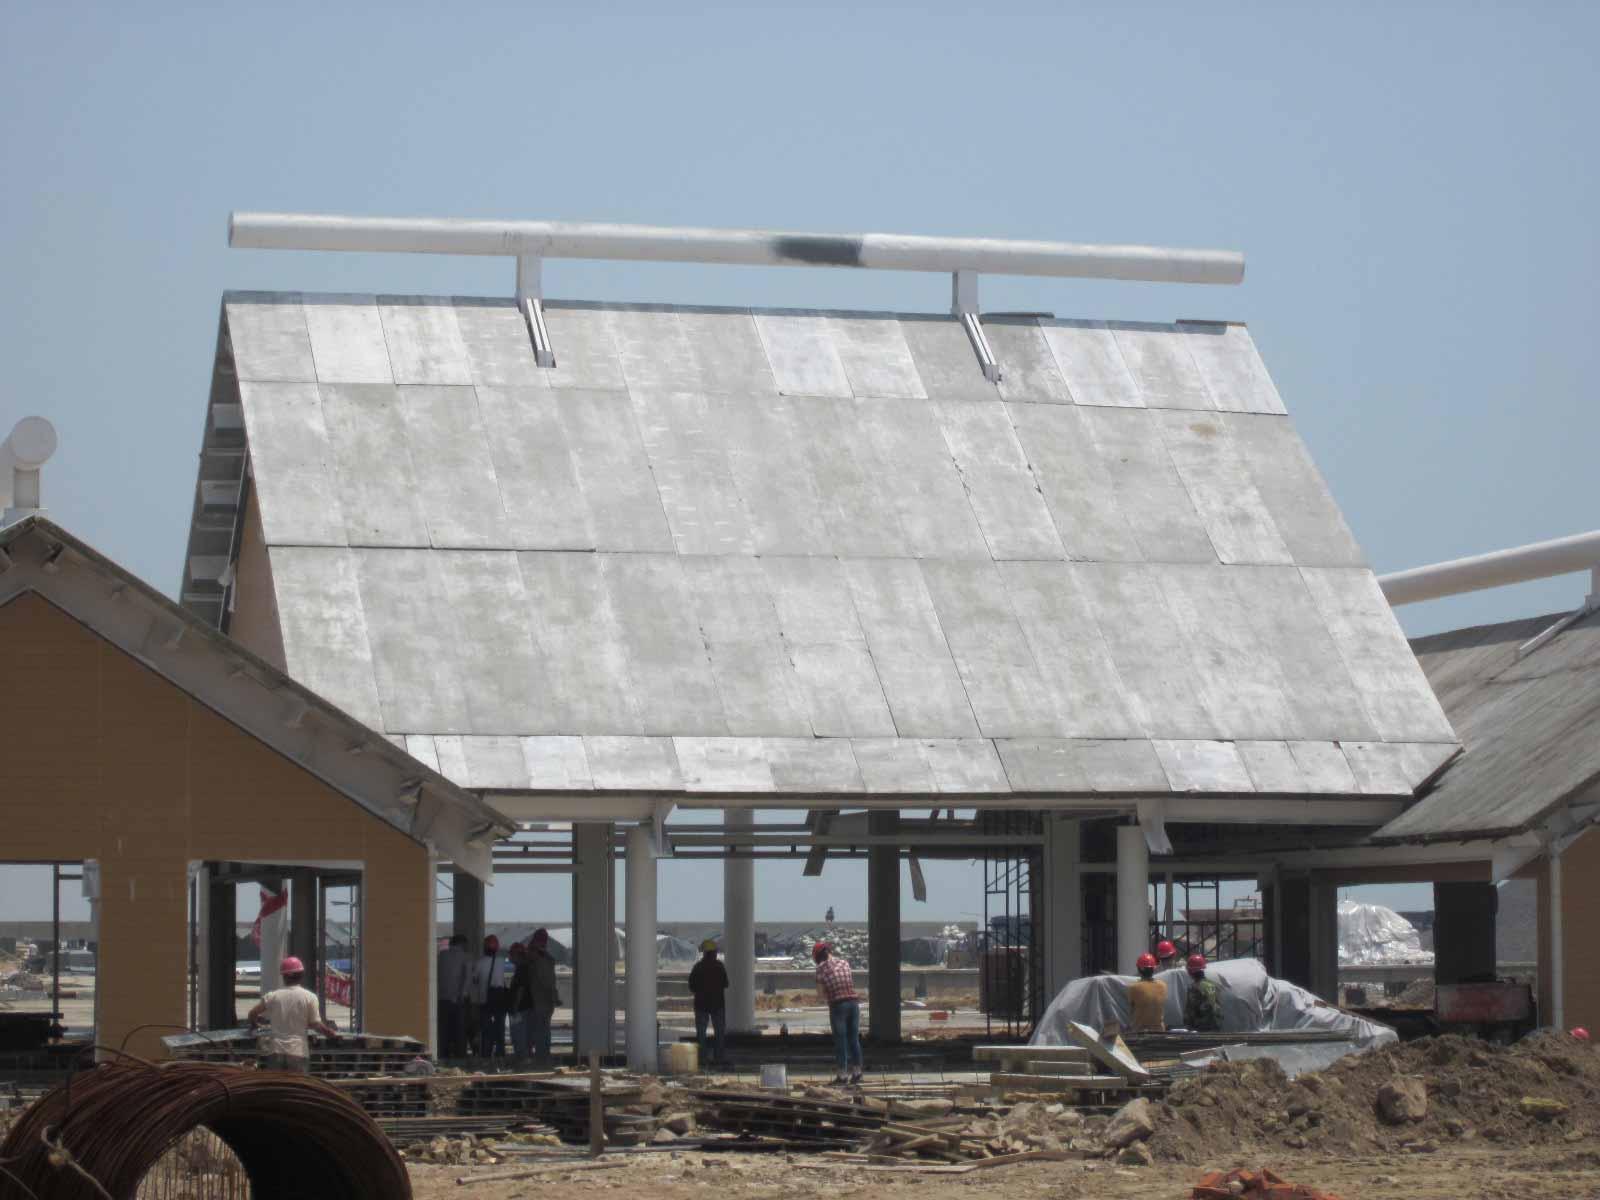 莱州海凌建材有限公司生产的建筑用轻质保温条板以高强度水泥为胶凝材料,锯末等植物纤维和粉煤灰为填充料,加有多层高科技网筋材料增加强度,内层装有合理布局的隔热、隔音、吸声的无机发泡型材或其他保温材料。具有清洁无污染、保温、隔热、隔音、强度高、吊挂力好、重量轻、抗震性好、防火、防裂、加工性好、增加使用面积的特点。实乃现代建筑用之最佳材料。